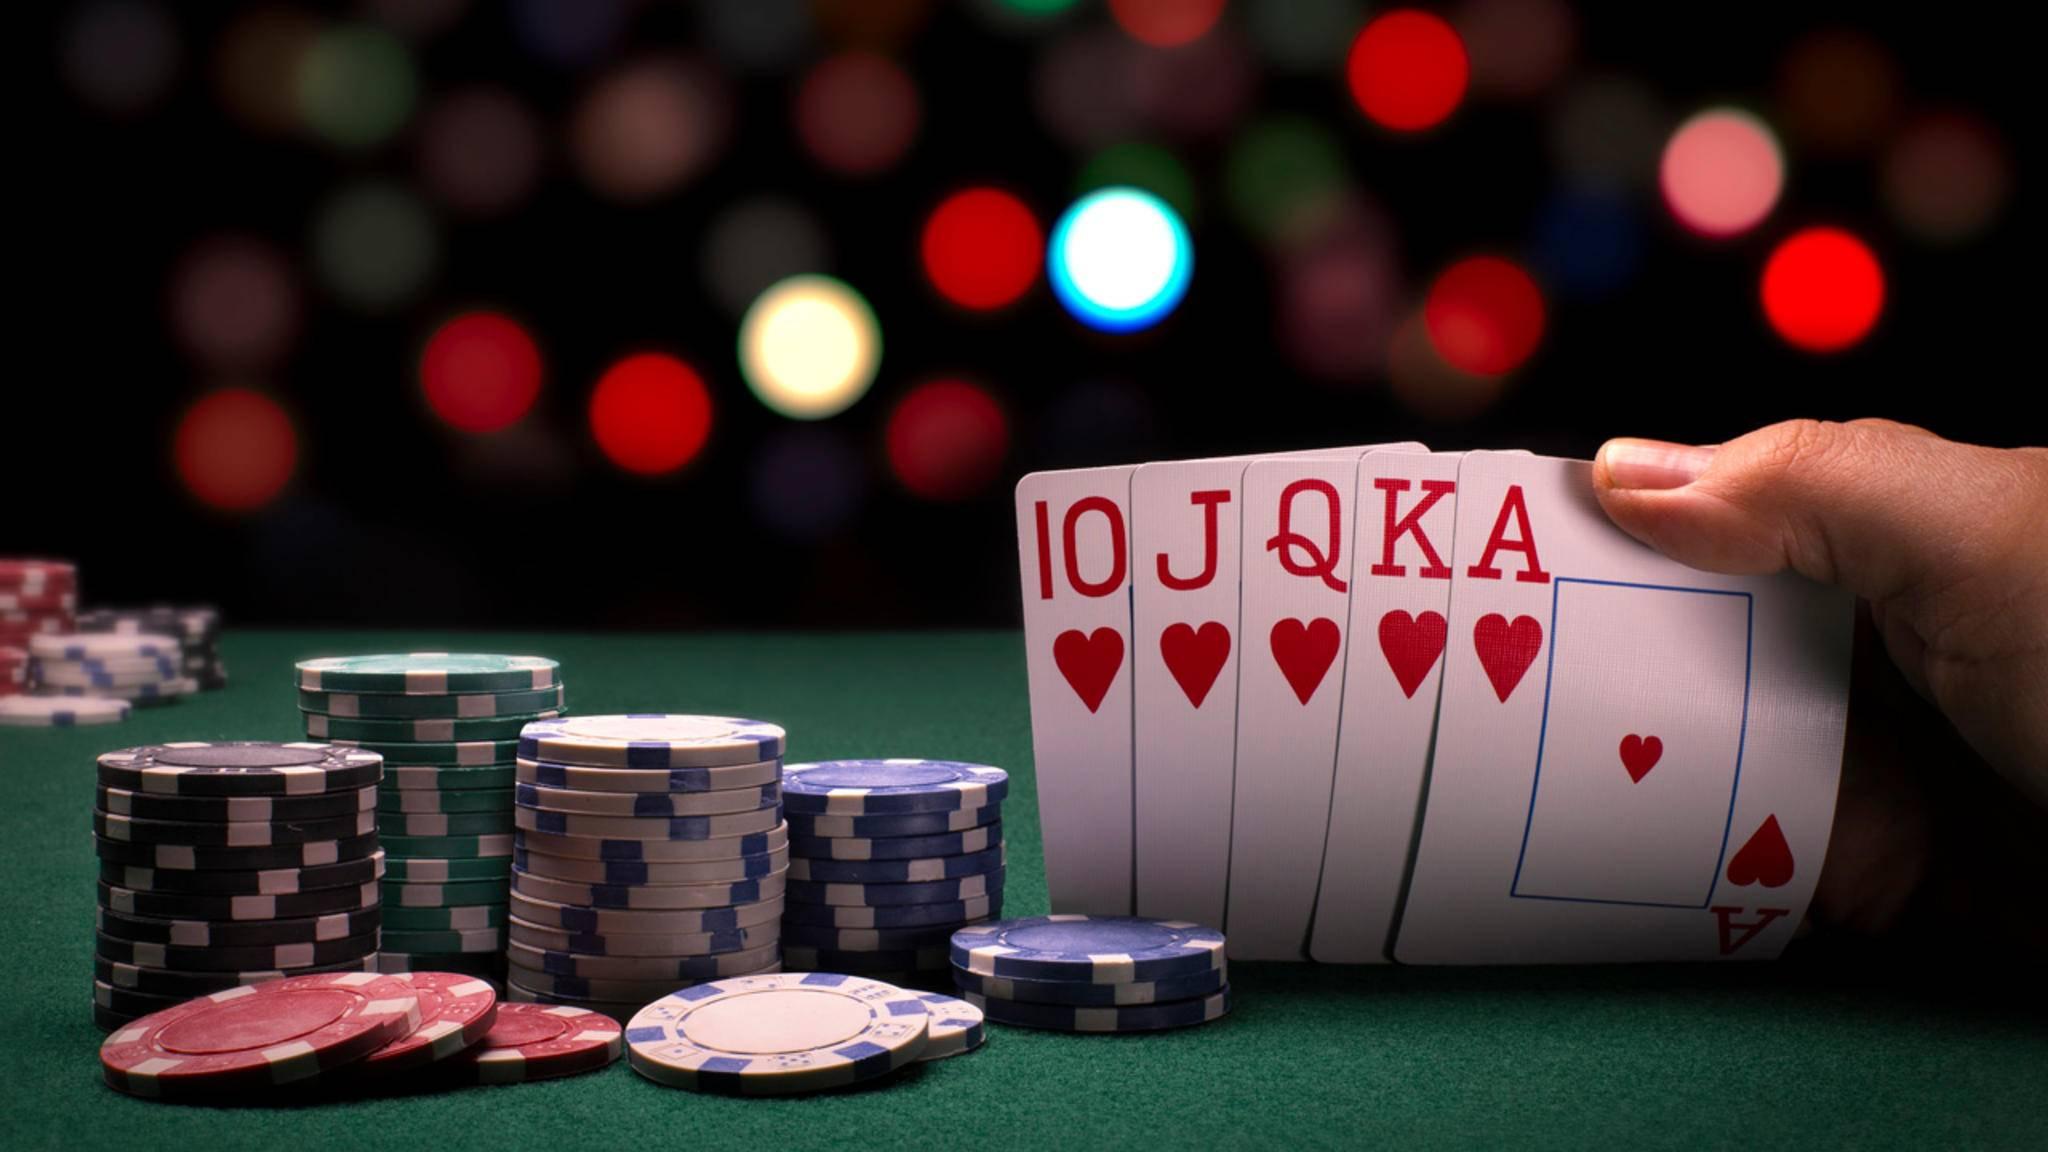 Beim Pokern gegen Künstliche Intelligenz braucht die Menschheit ein ziemlich gutes Blatt.